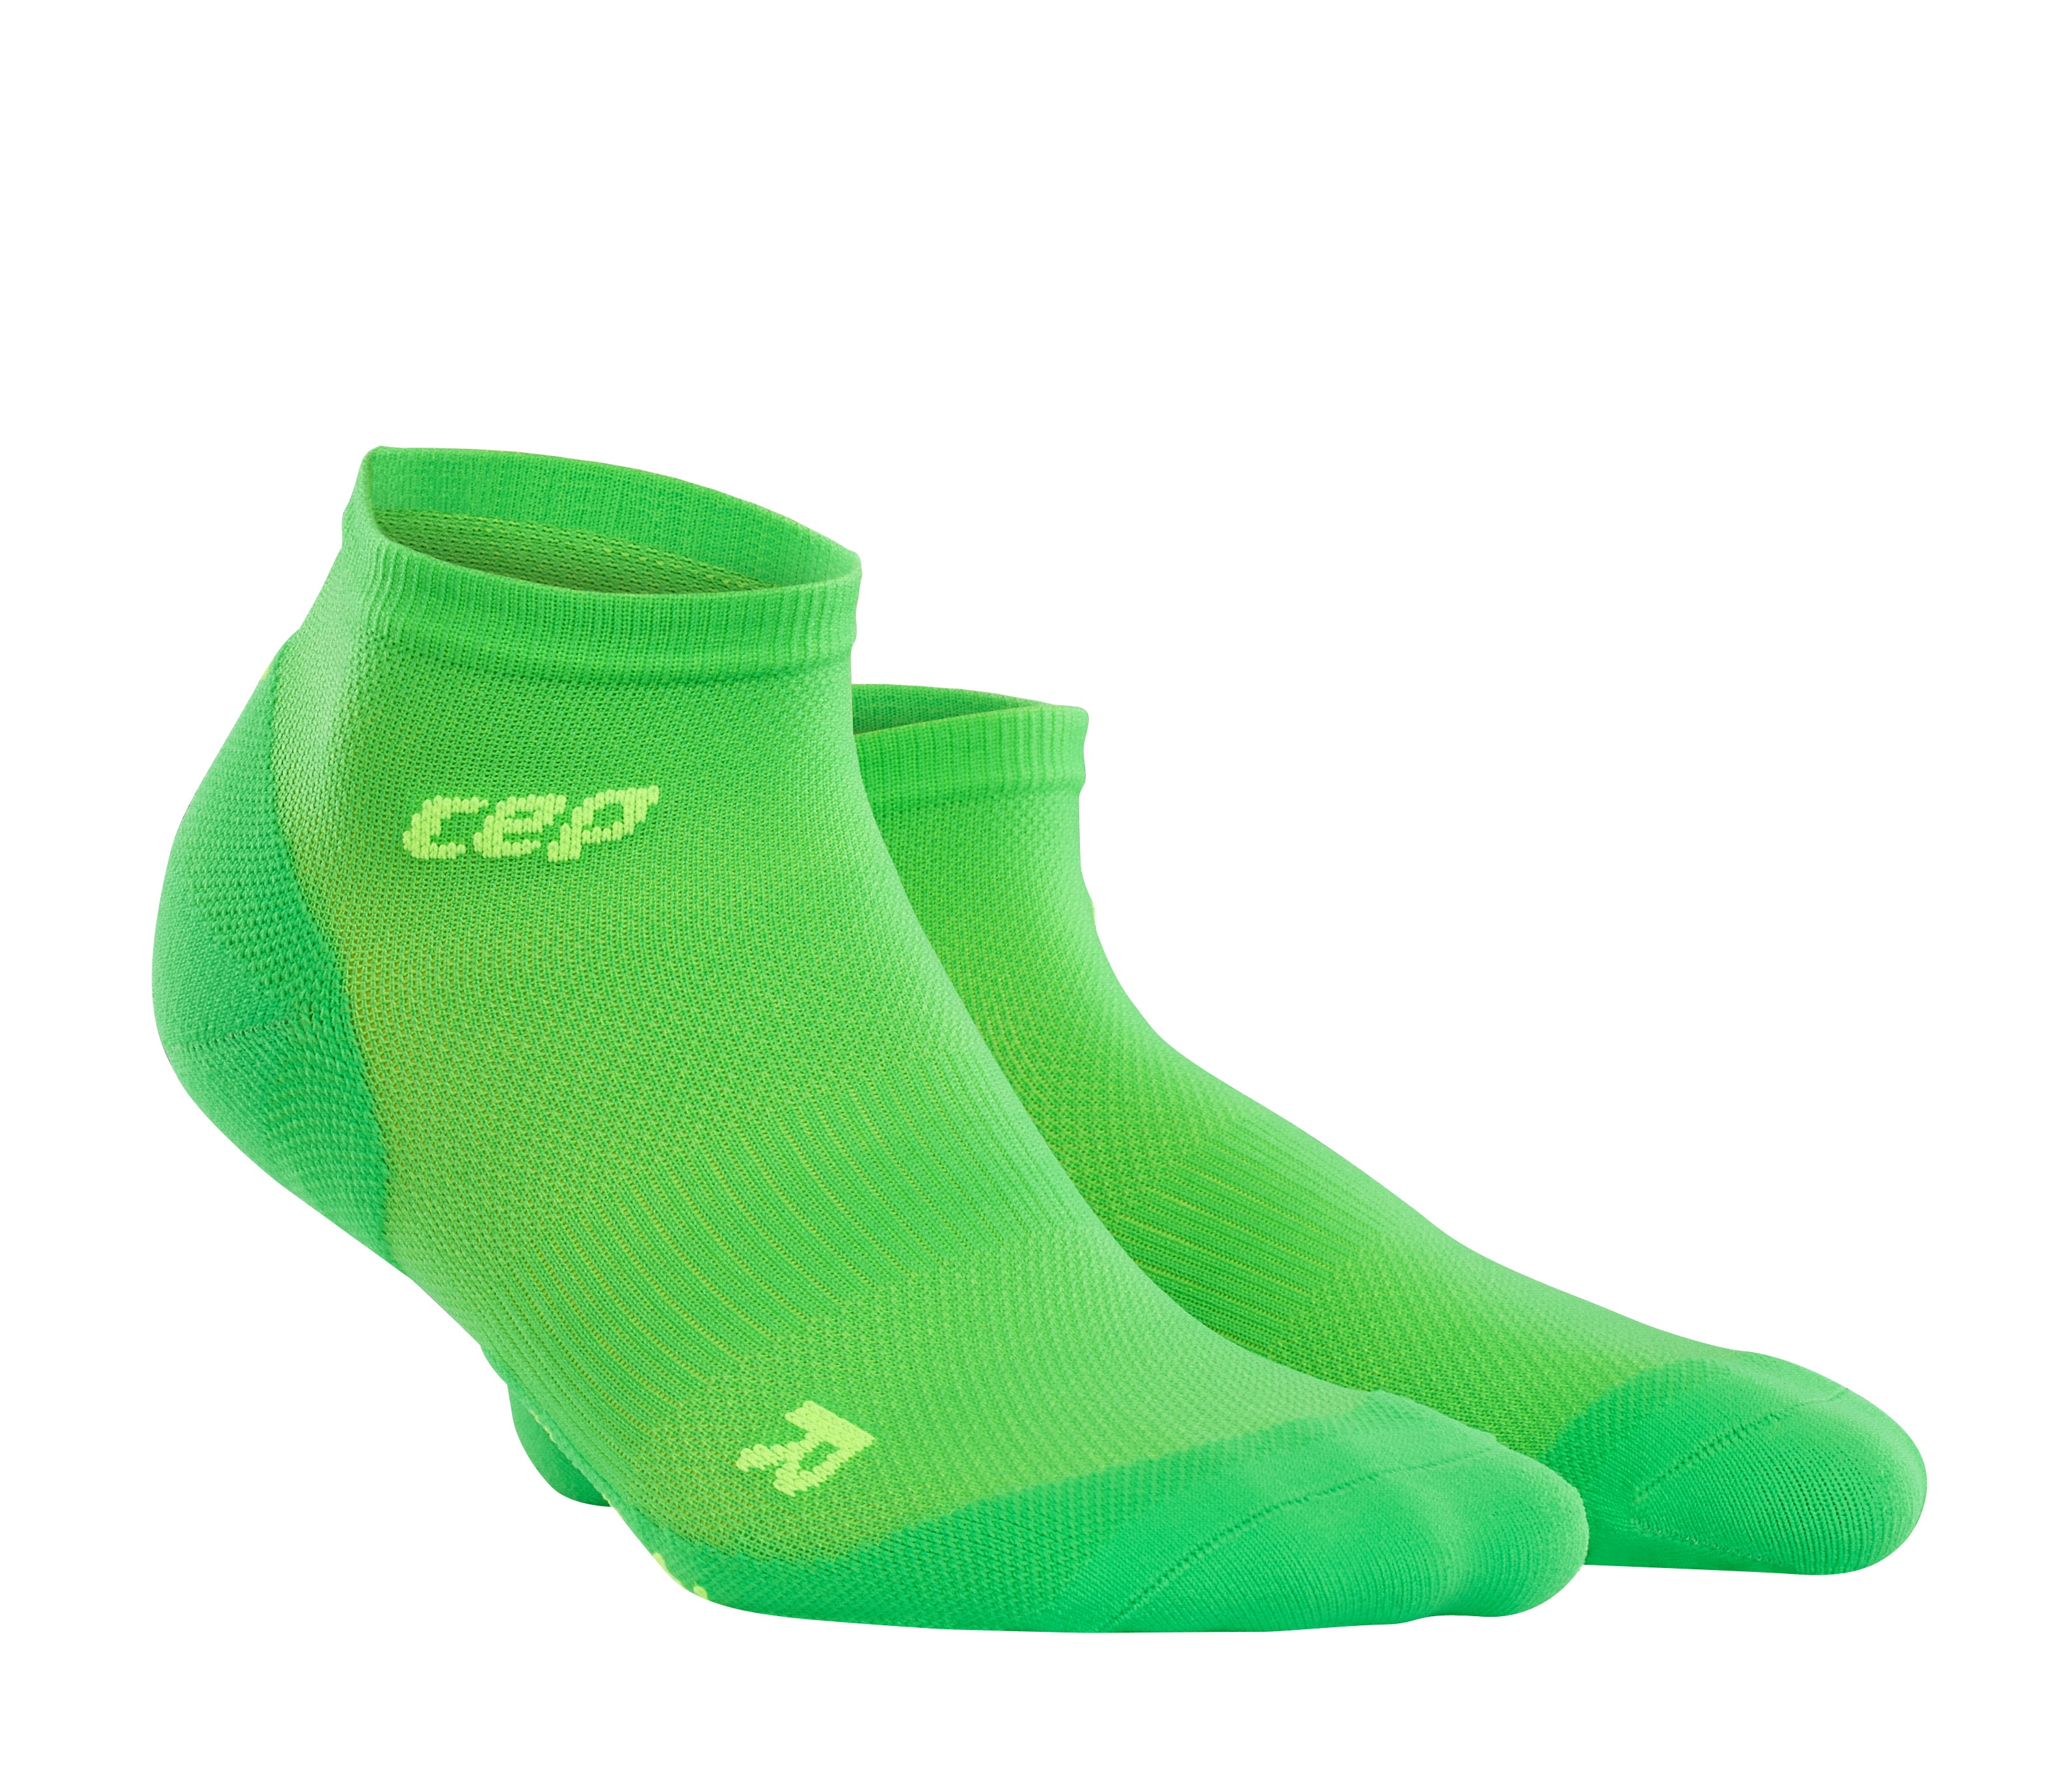 ultralight_low_cut_socks_viper_green_m_WP5AGD_pair.jpg